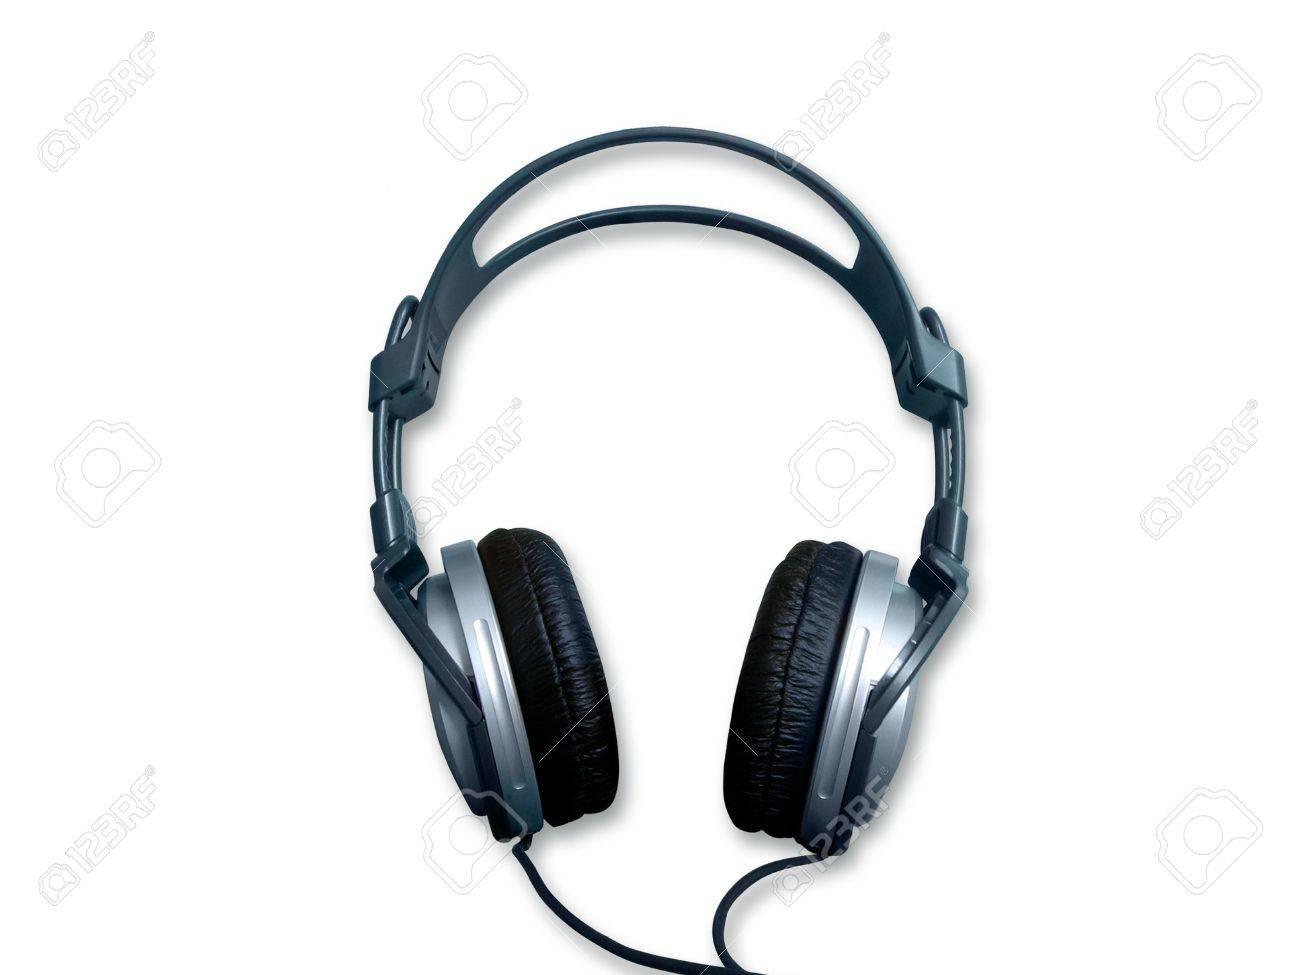 headphone, music, listen, cable, ear, sound, noise, hear, mp3,